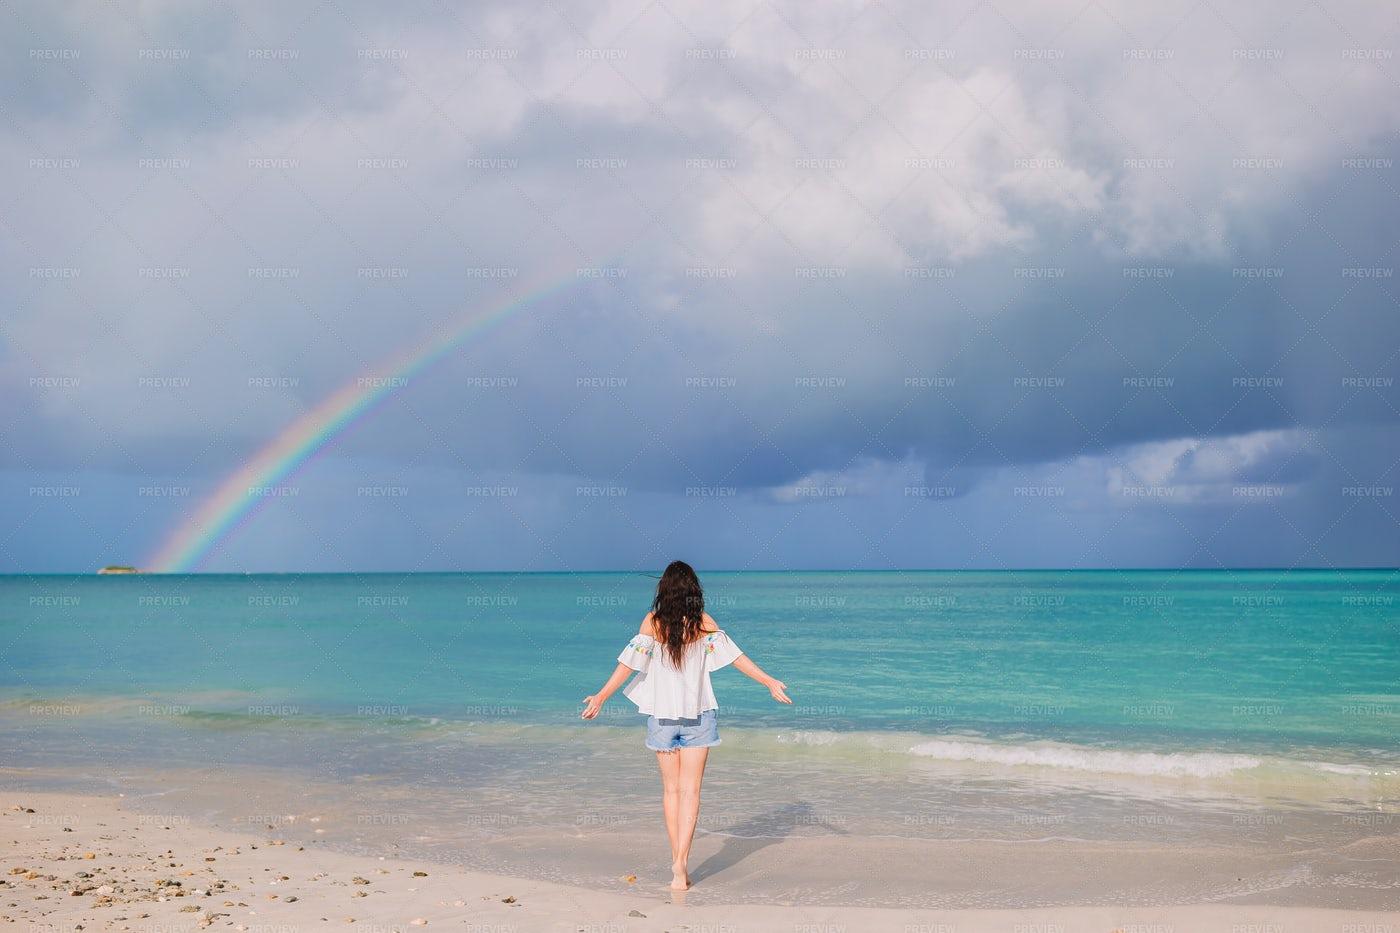 Rainbow On Tropical Beach: Stock Photos